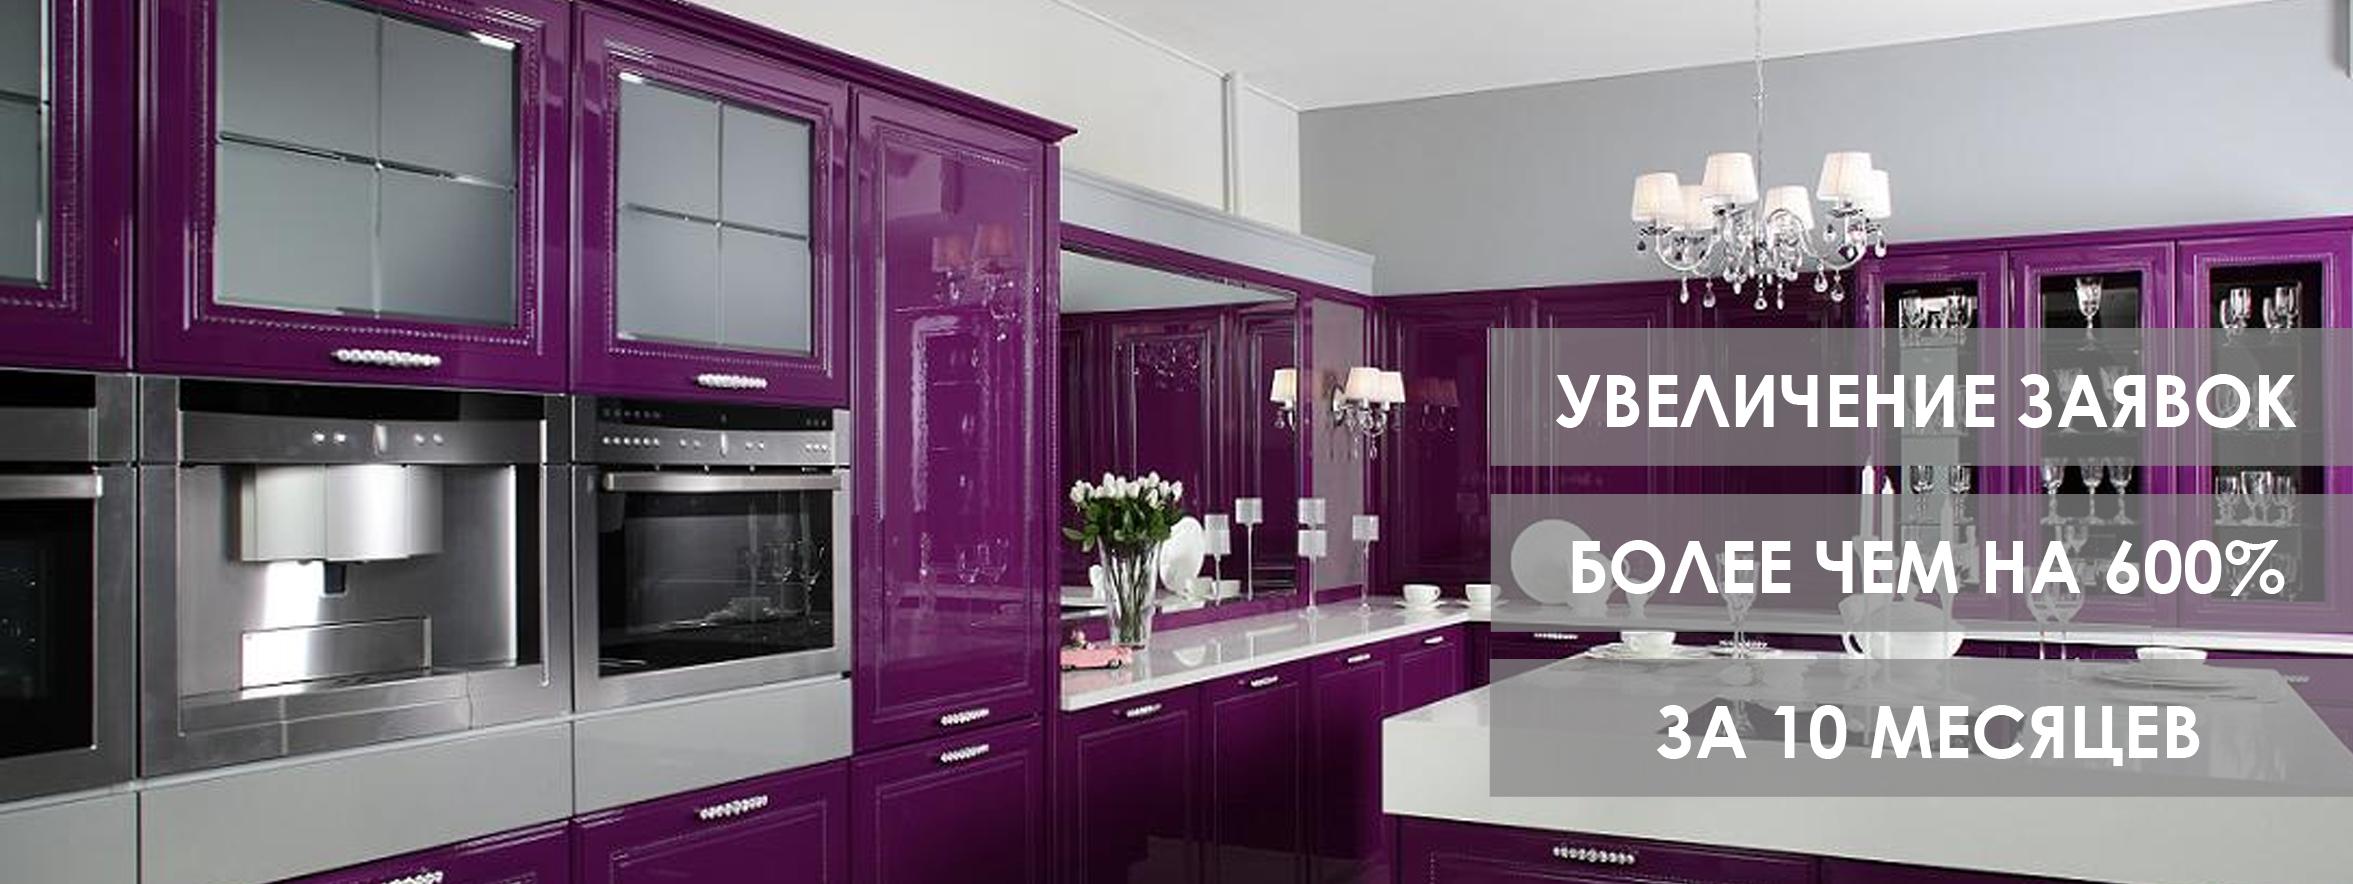 Как продавать много кухонь или почему ведение контекстной рекламы очень важно